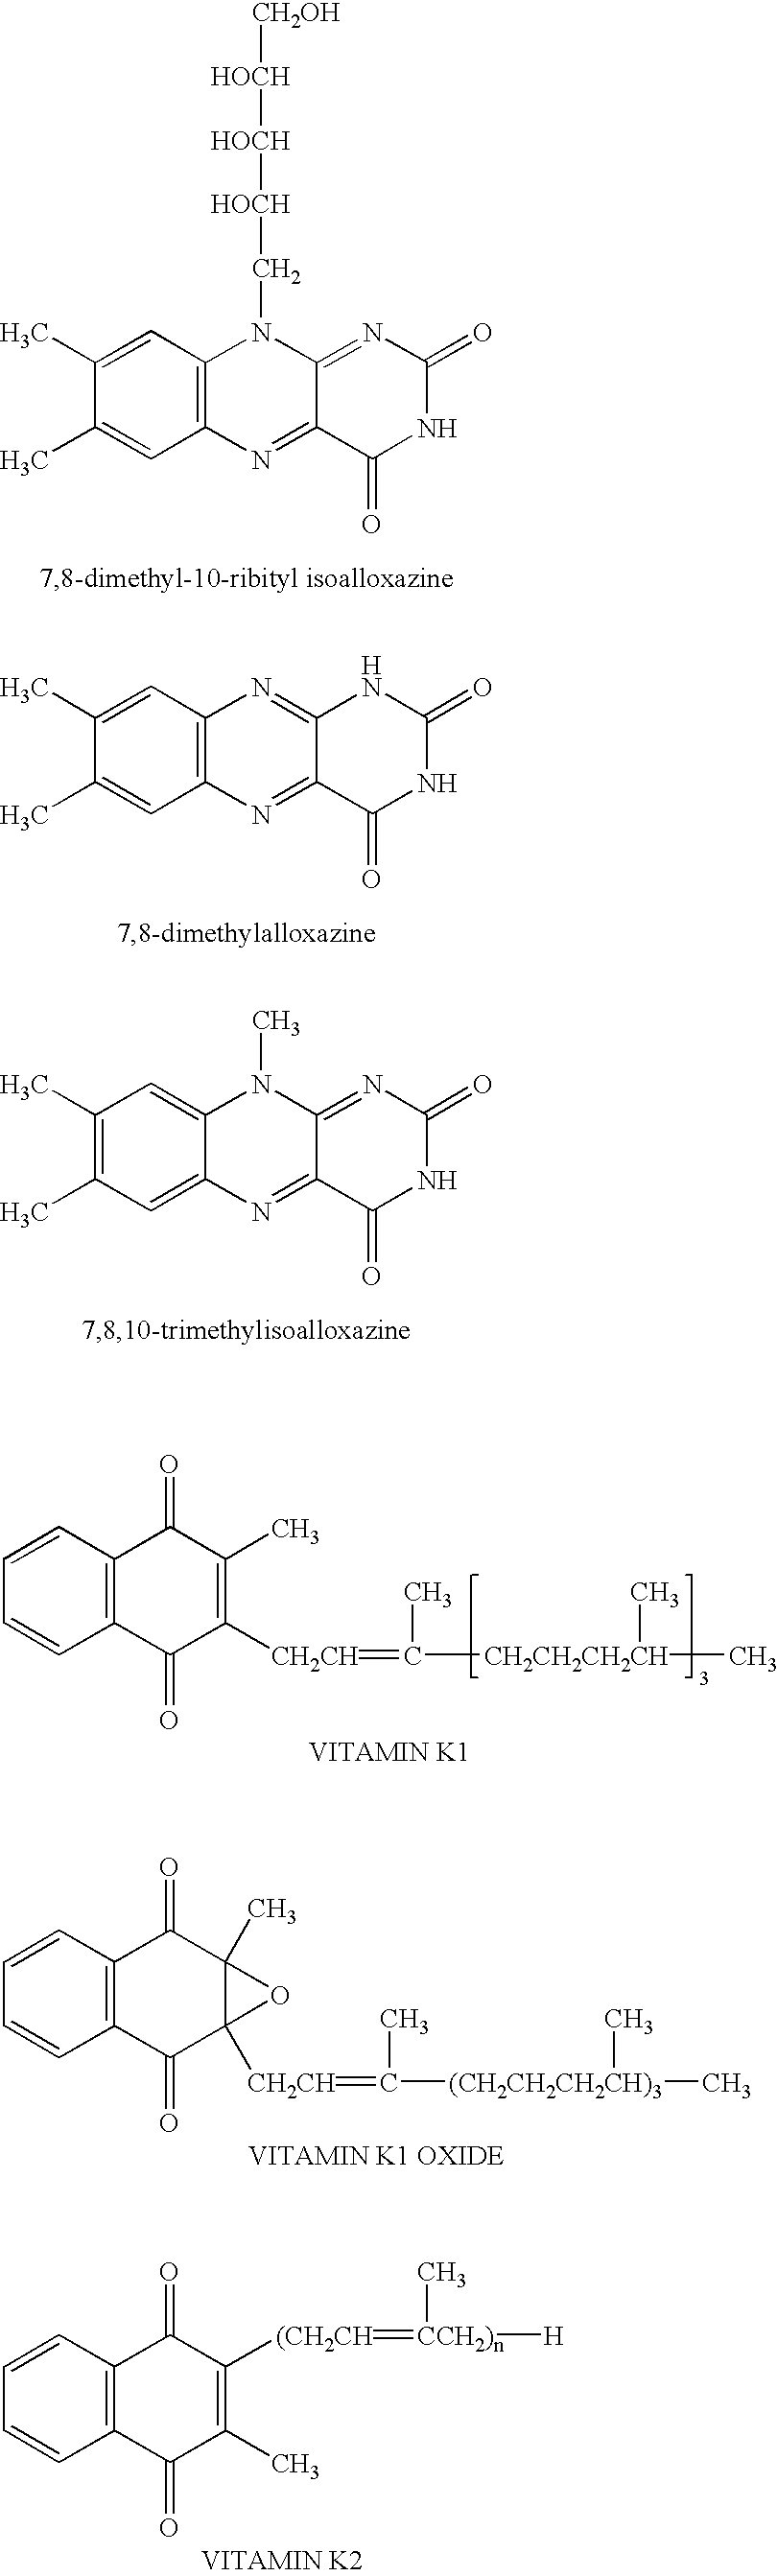 Figure US20030186213A1-20031002-C00001